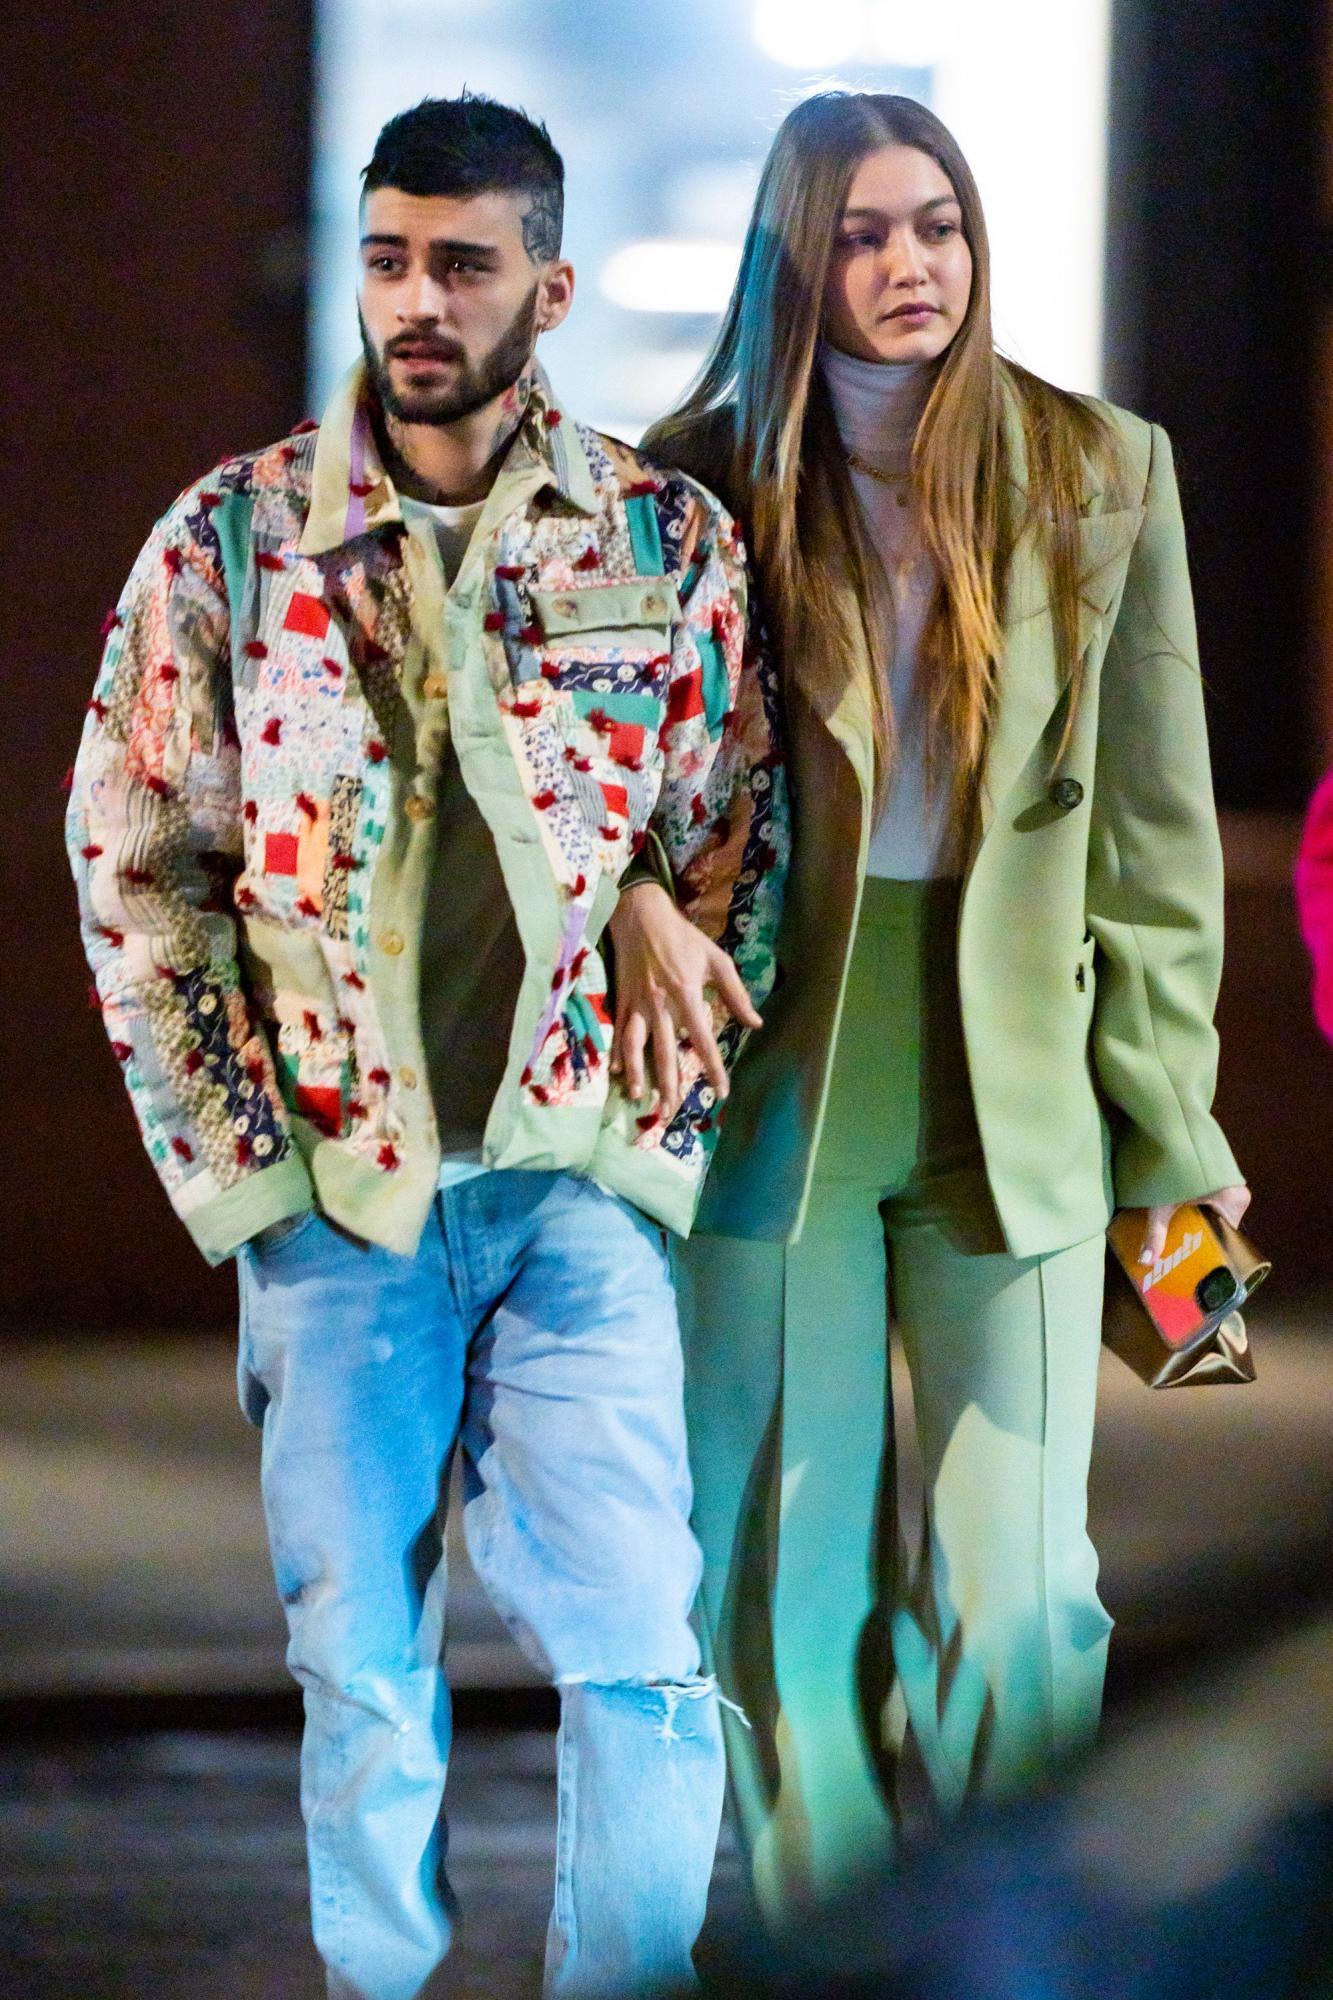 Zayn Malik and Gigi Hadid out and about